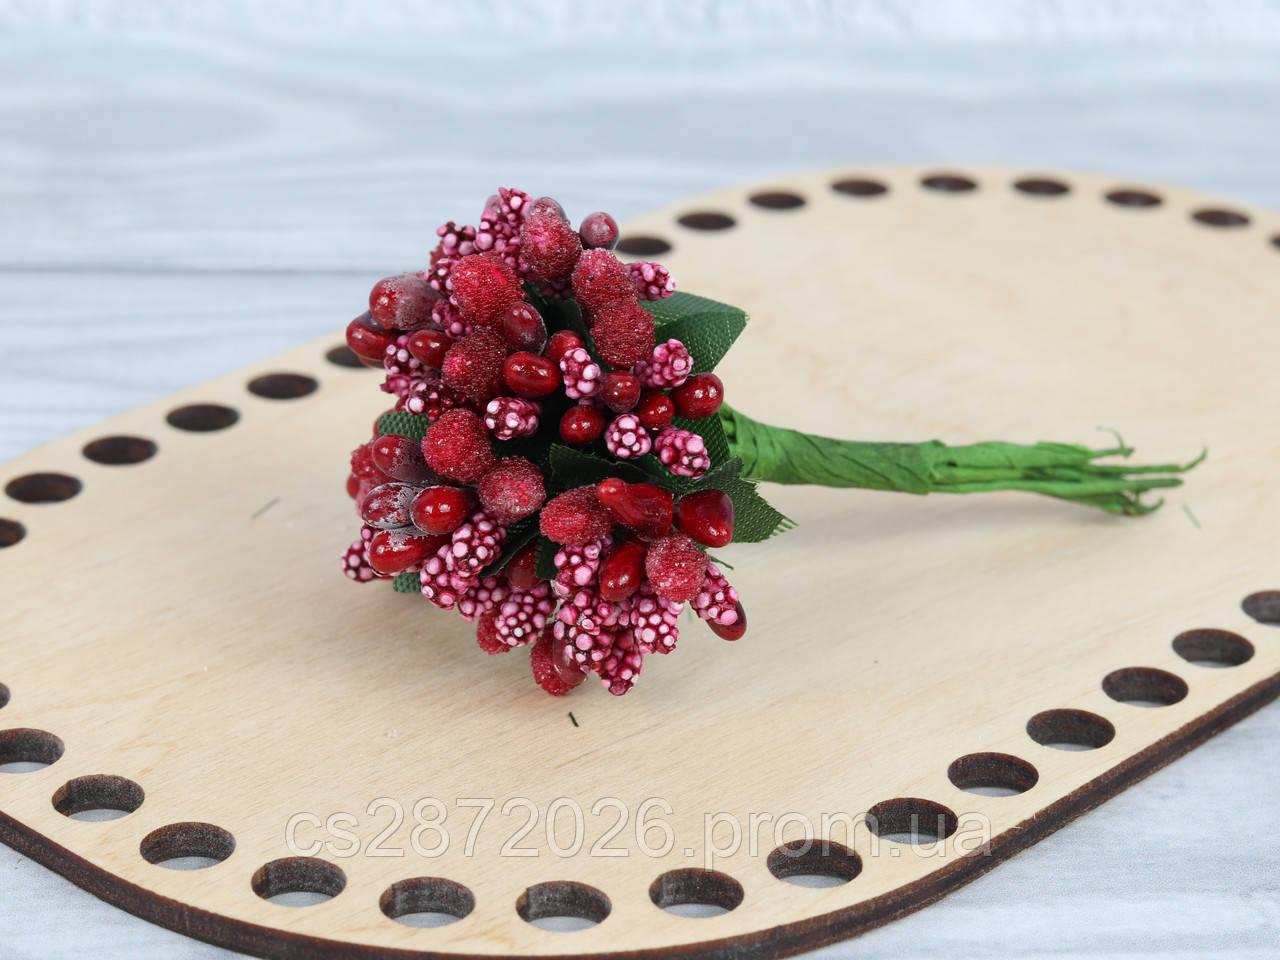 Тичинки цукрові з ягодами і листям на дроті